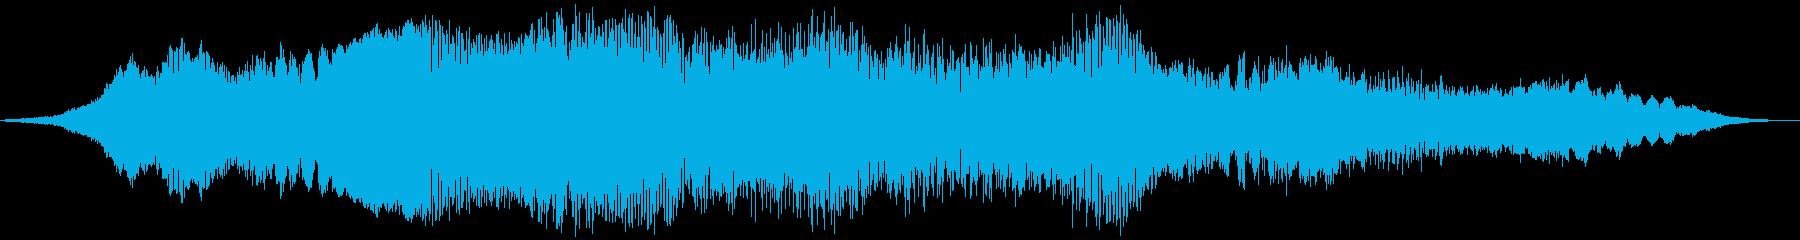 PADS 幽霊船04の再生済みの波形